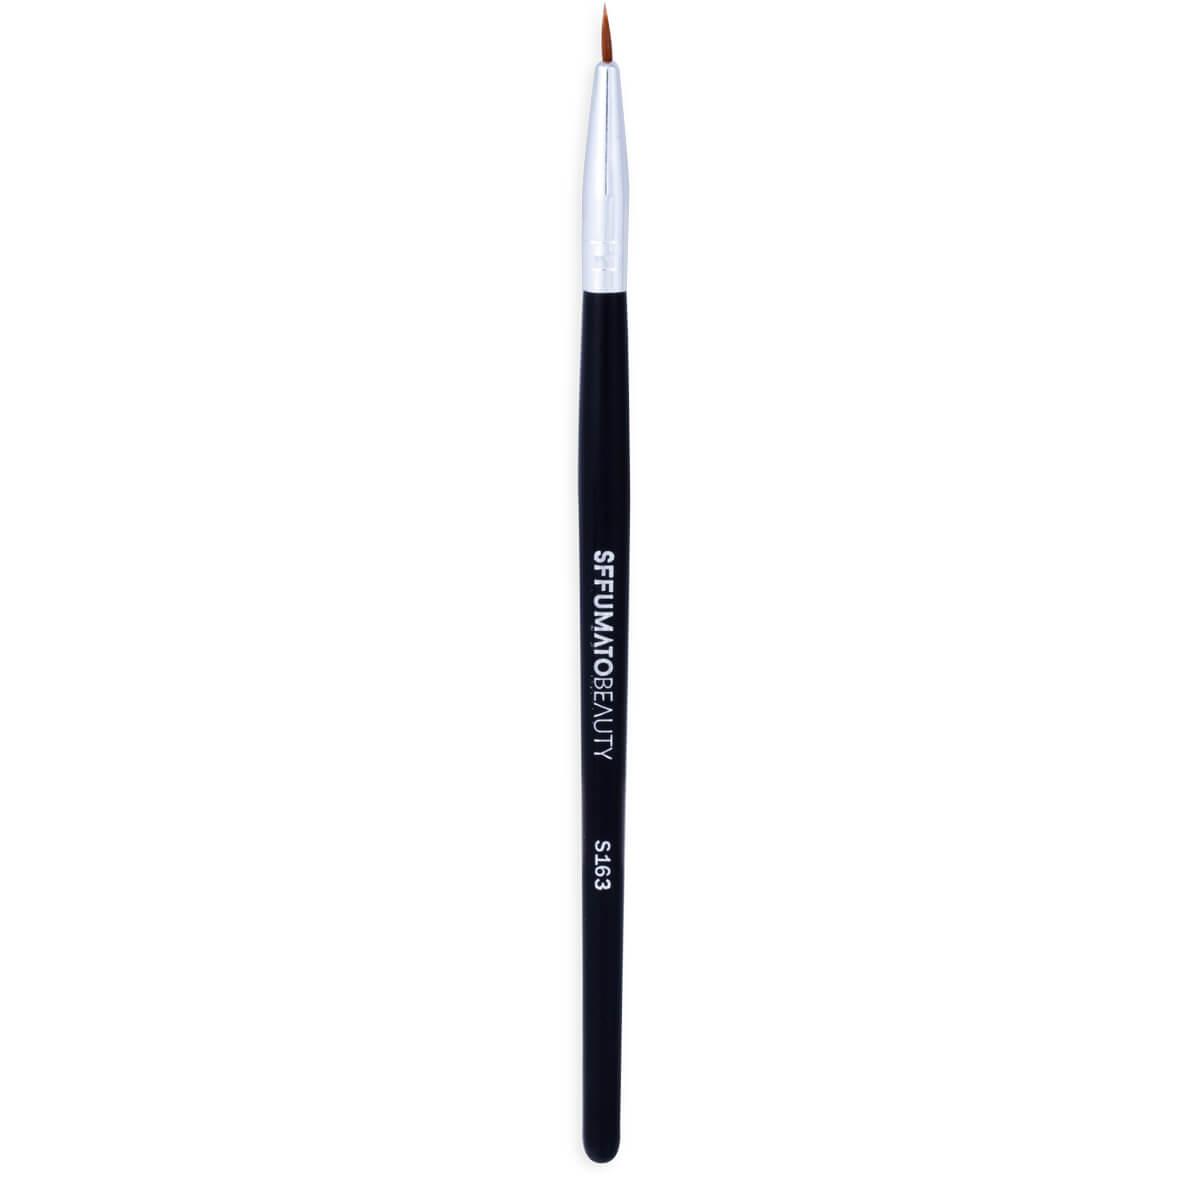 S163 - Pincel Delineador De Precisão Profissional Sffumato Beauty